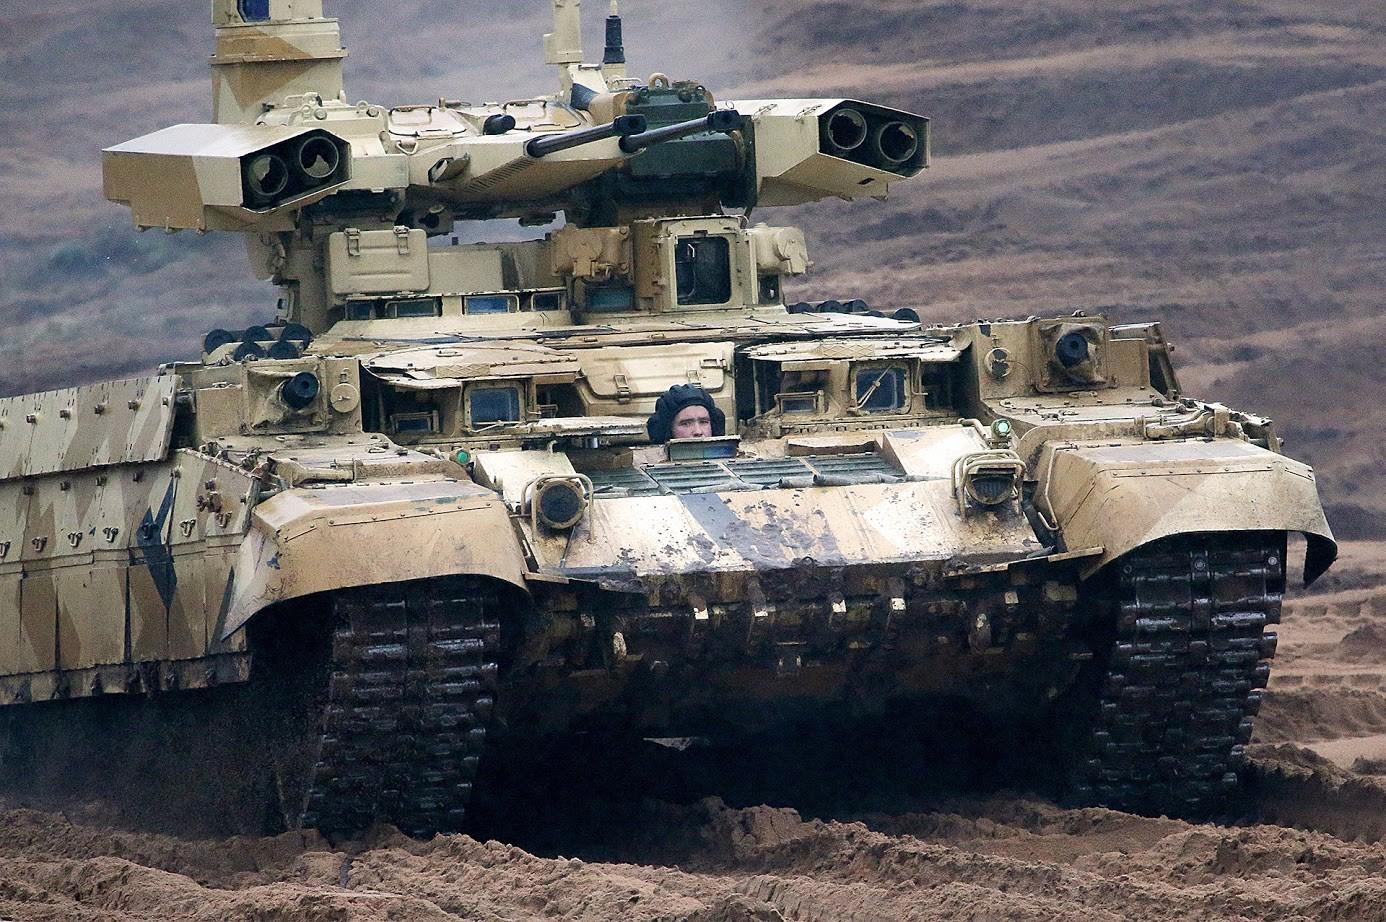 Težko bojno vozilo BMPT-72 (Terminator 2) na vajah velikih rusko-beloruskih vojaških vajah Zapad-2017.